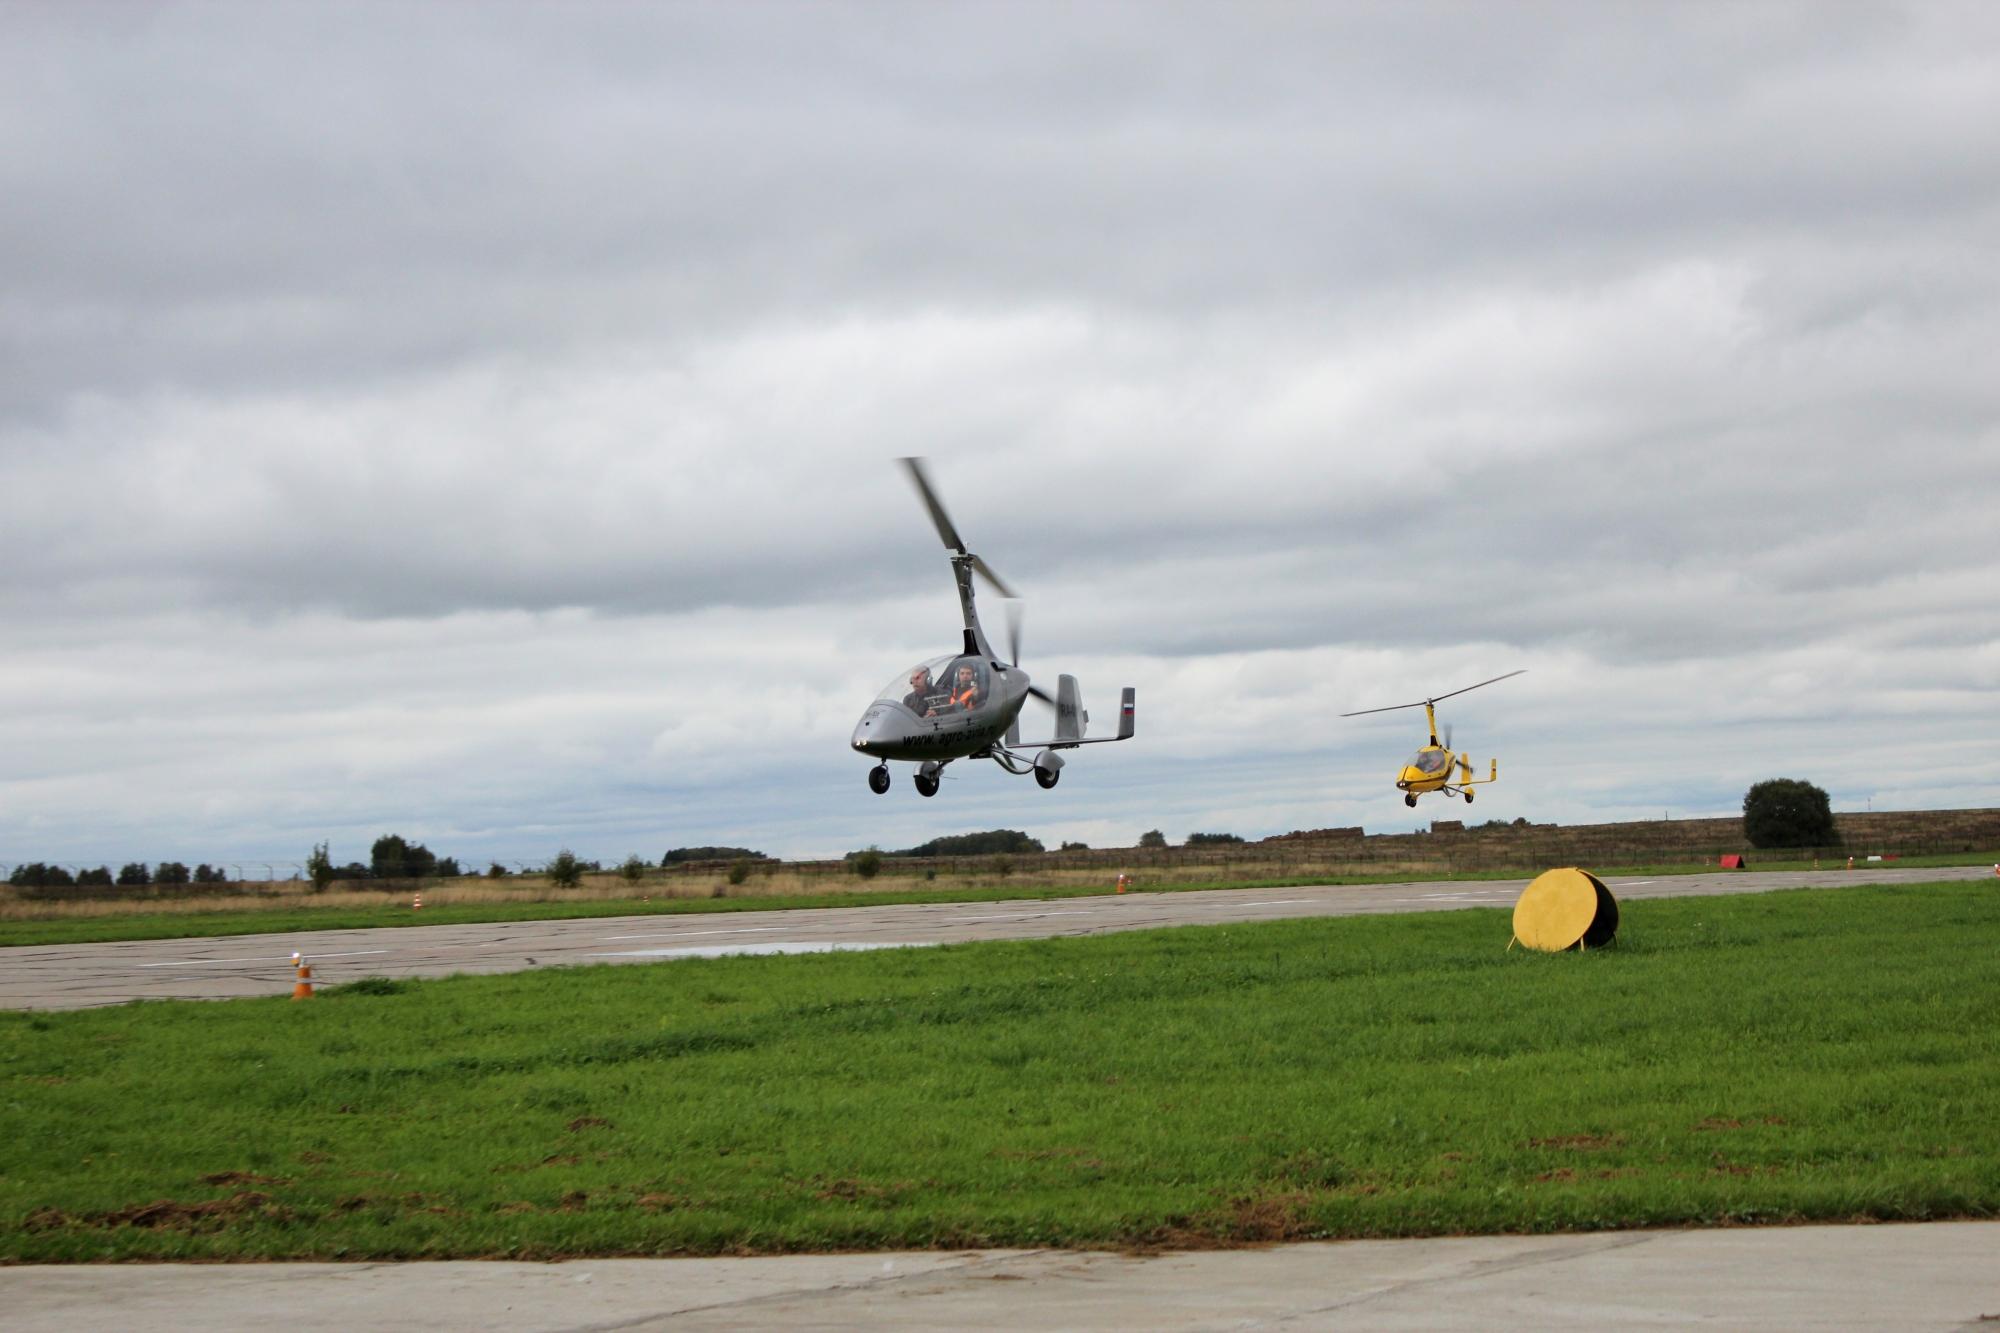 авиацентр воскресенск спортивный самолет фото мощеные